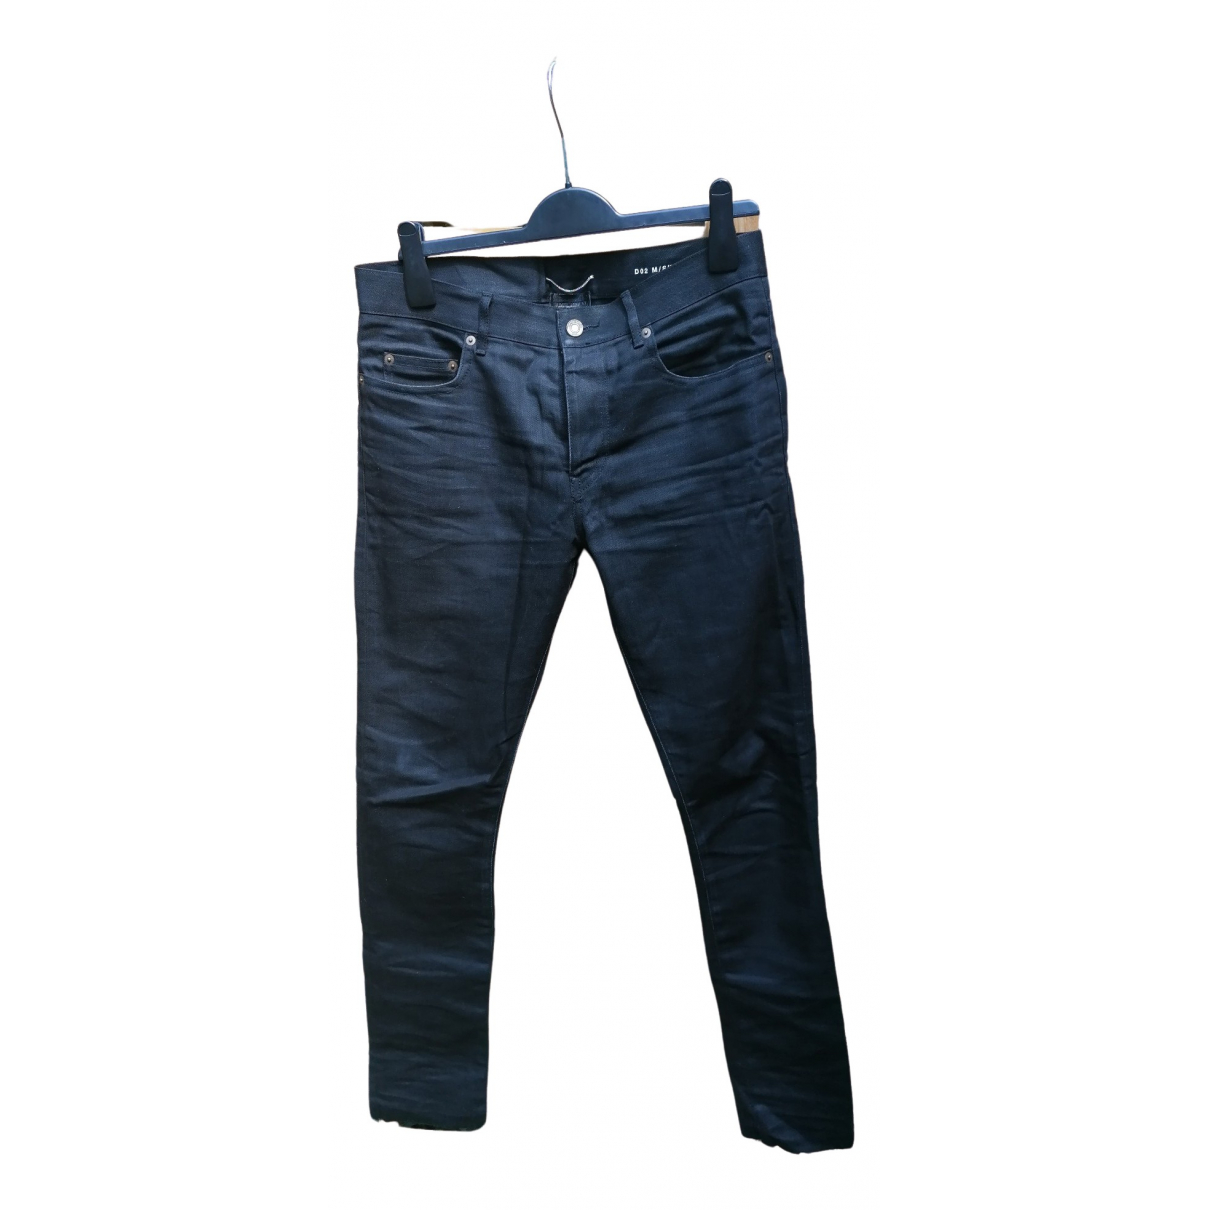 Saint Laurent \N Black Cotton - elasthane Jeans for Men 31 US